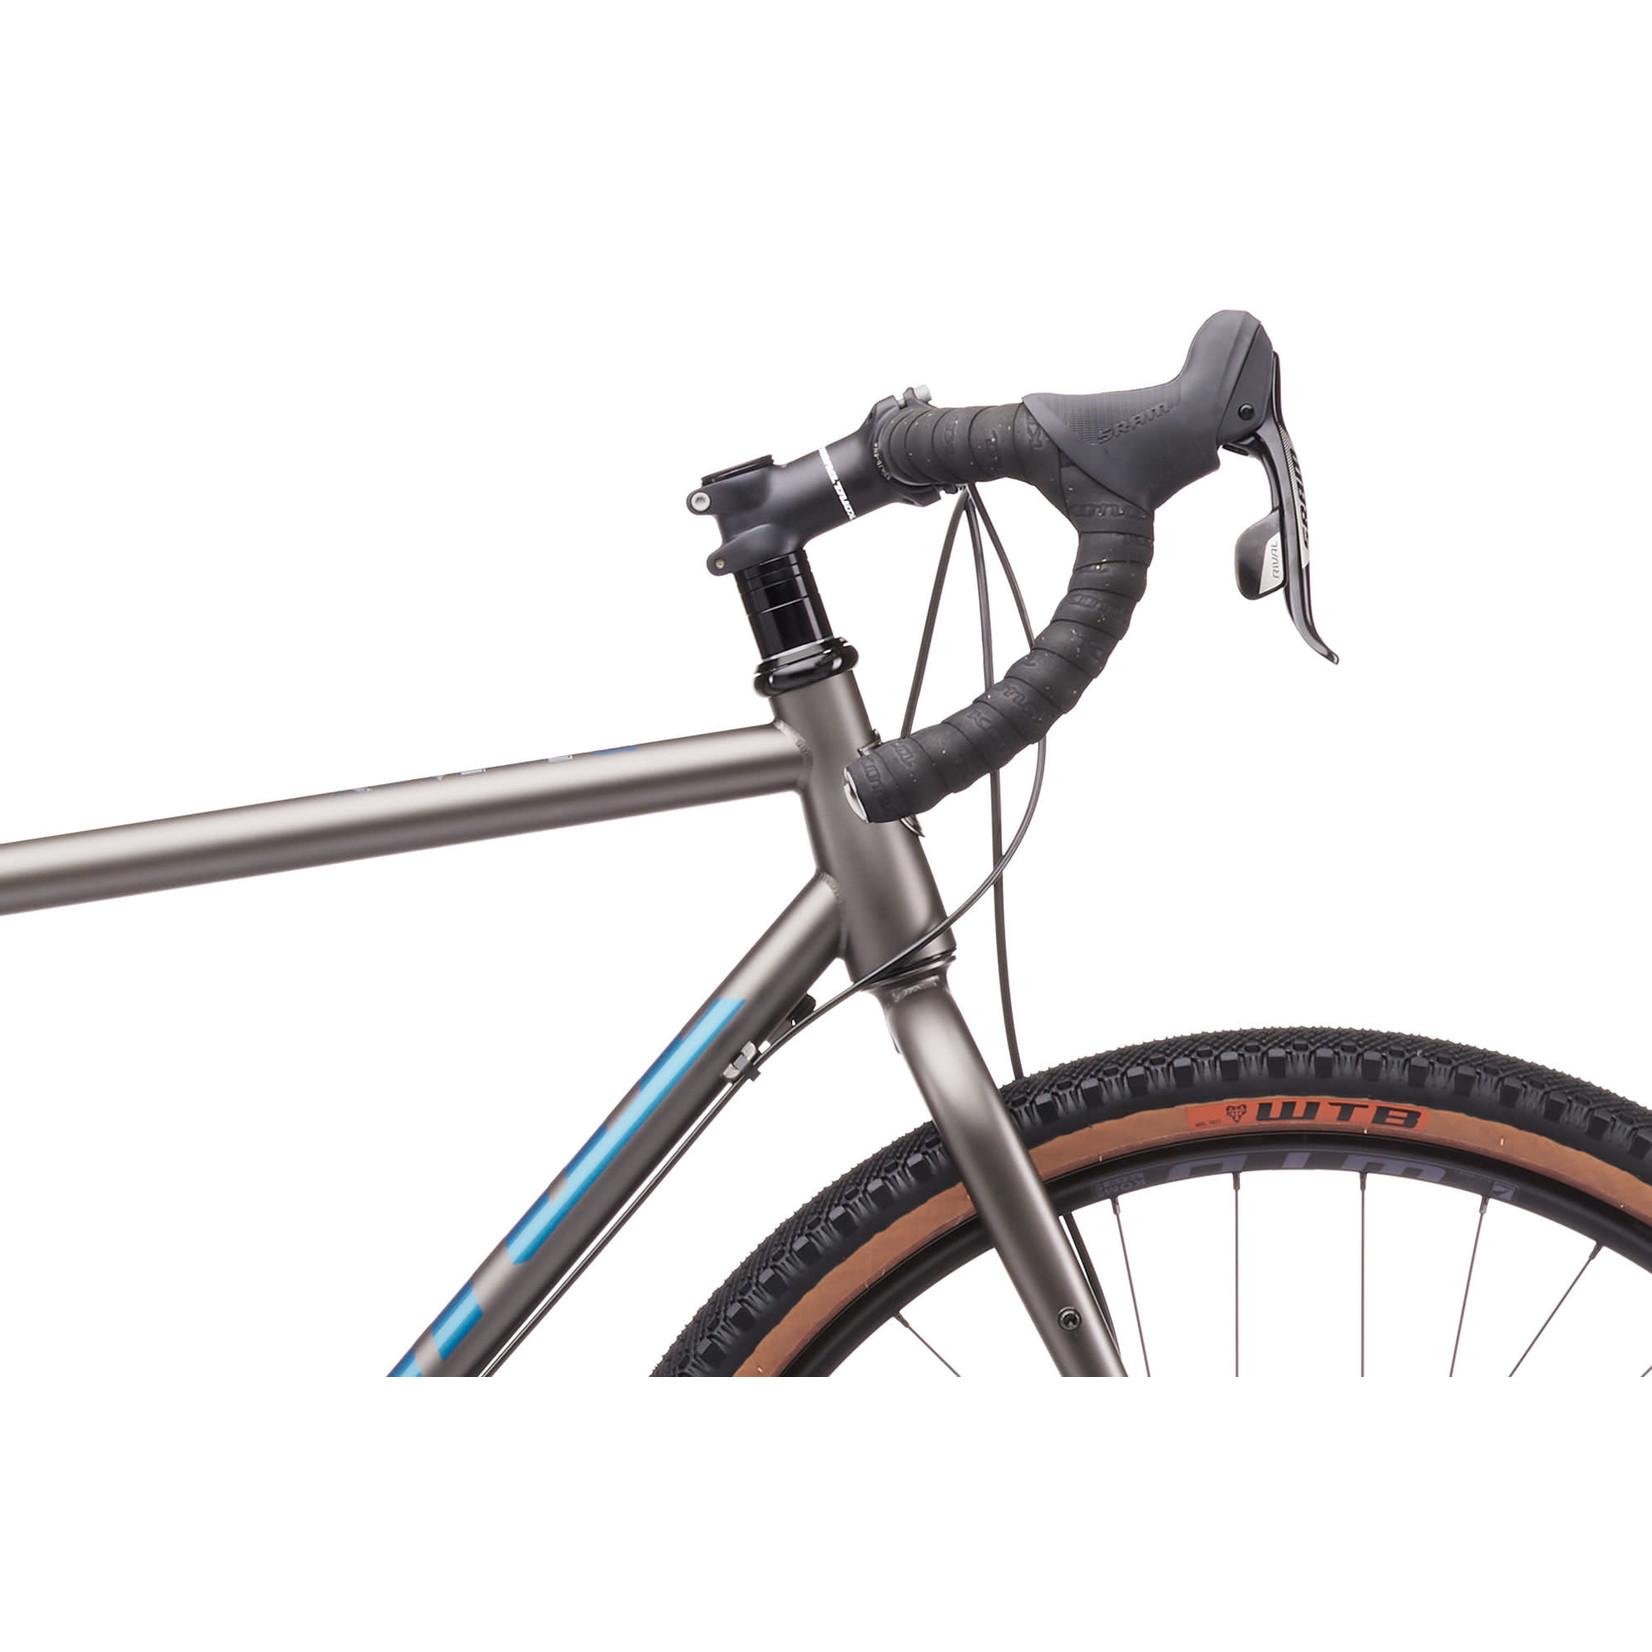 Kona Kona Rove DL 2021 52cm